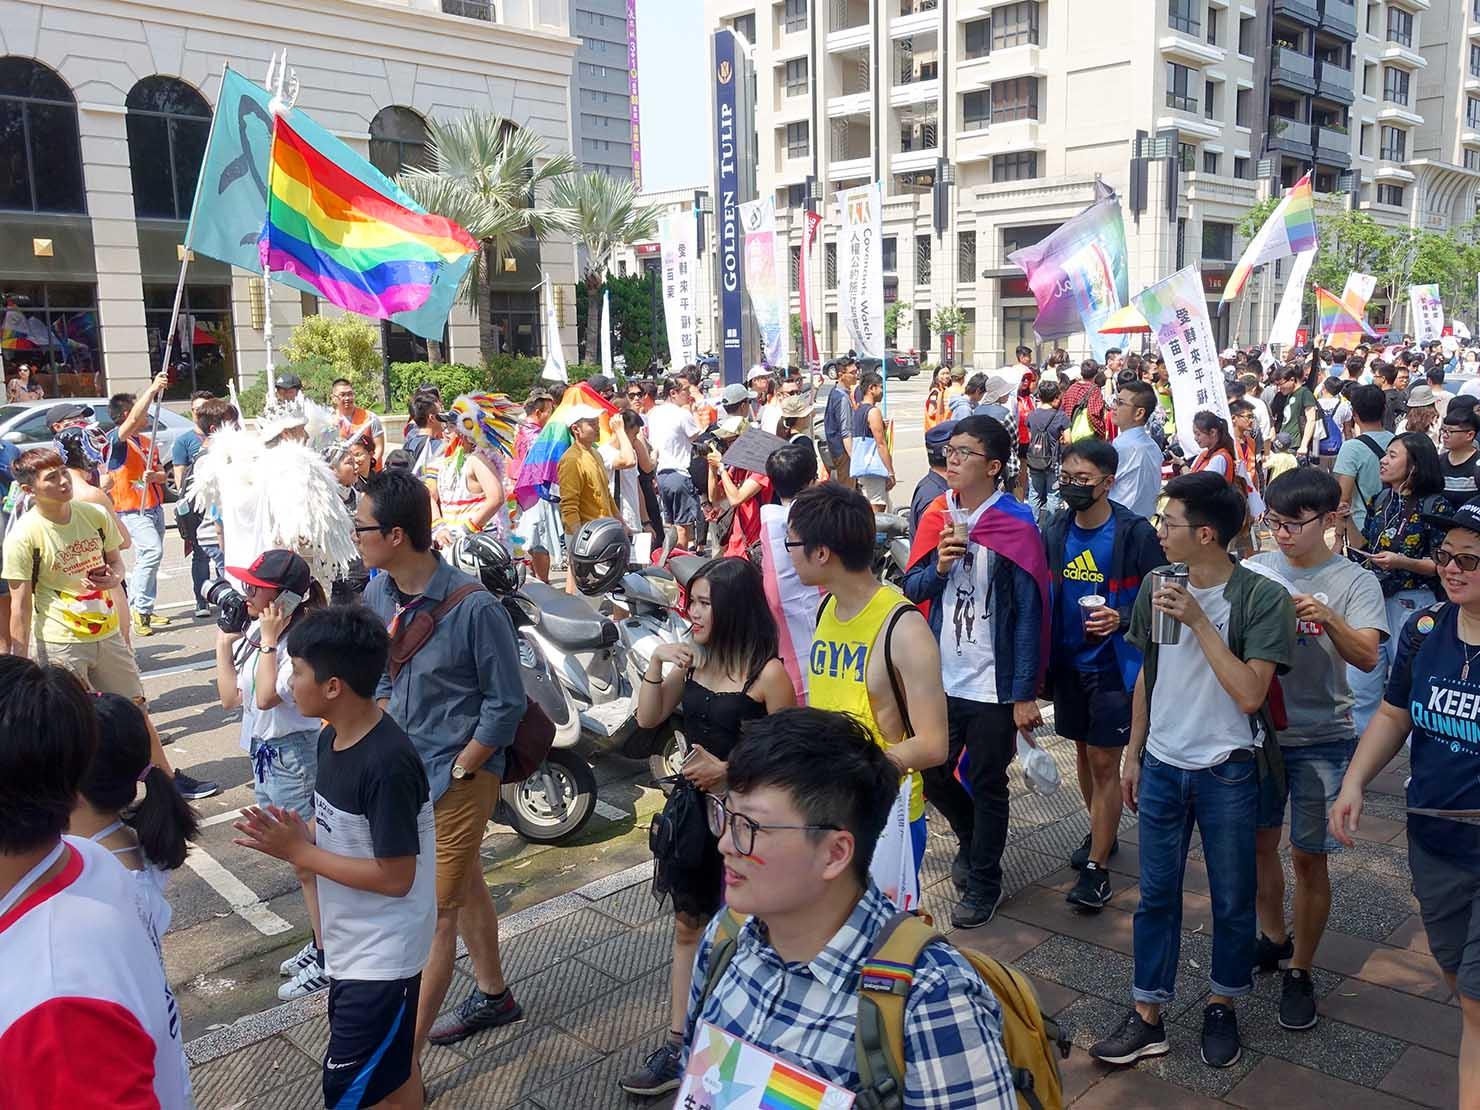 苗栗愛轉來平權遊行(苗栗LGBTプライド)2019のパレード出発前